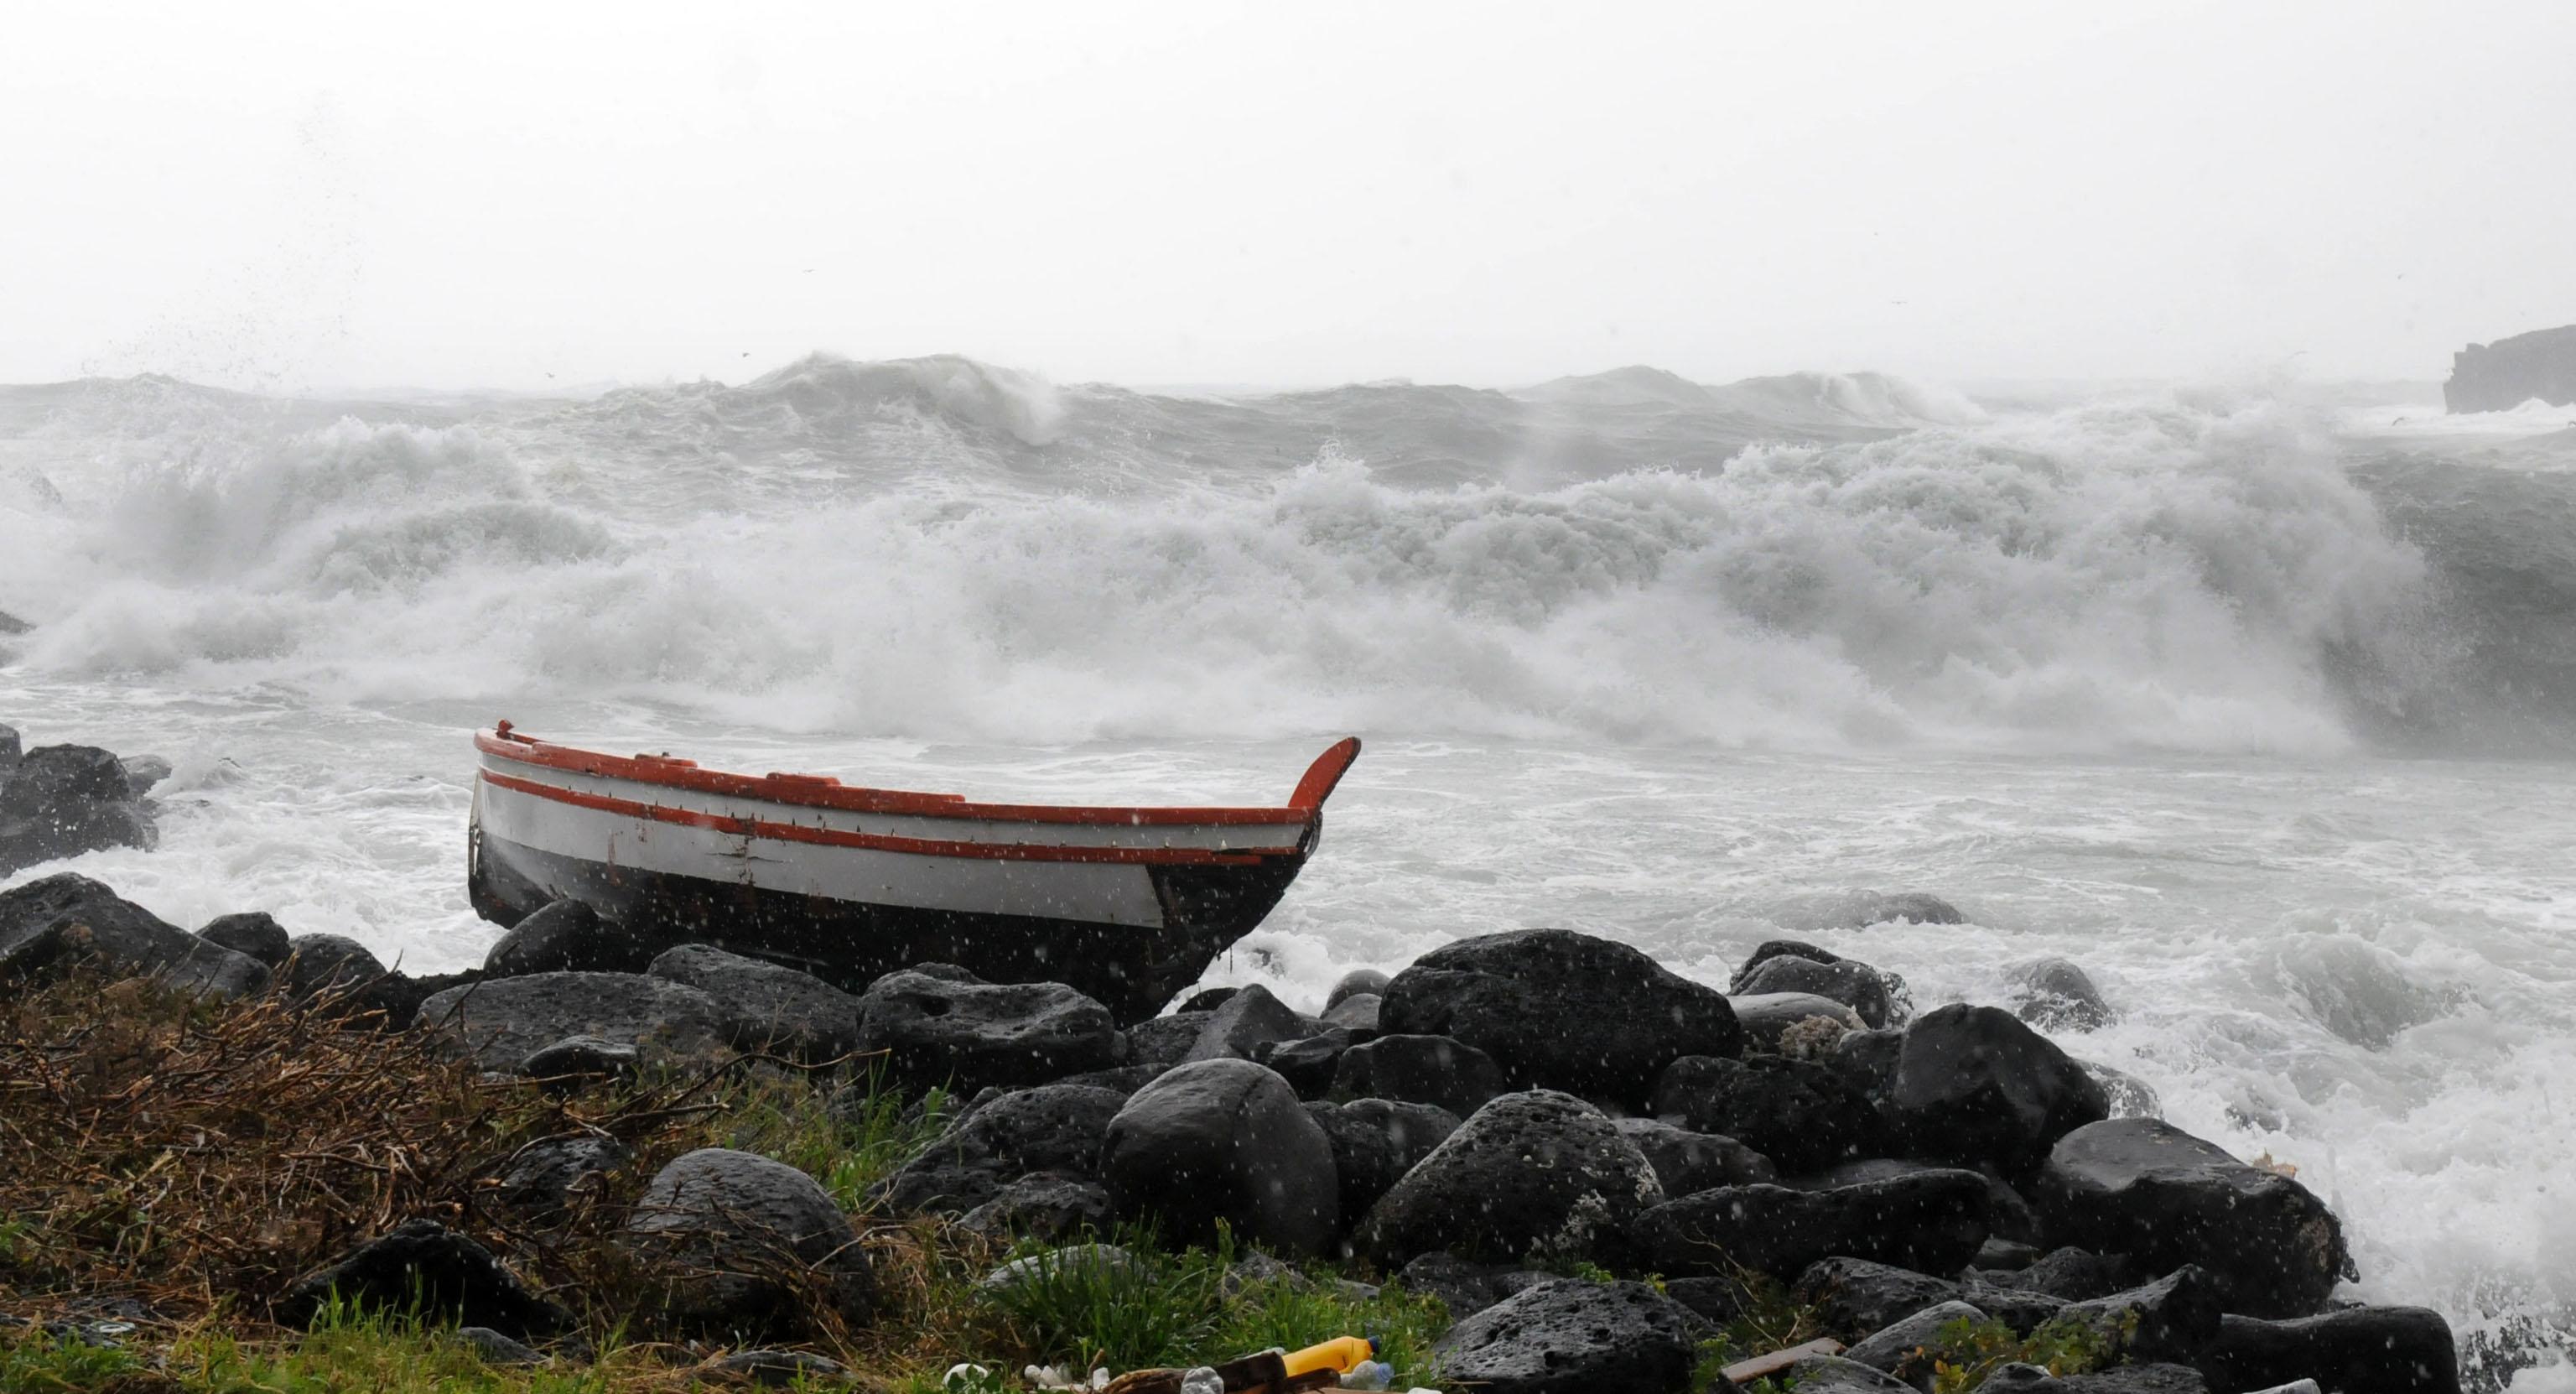 Condizioni meteo-marine avverse e disagi per i collegamenti marittimi: le reazioni